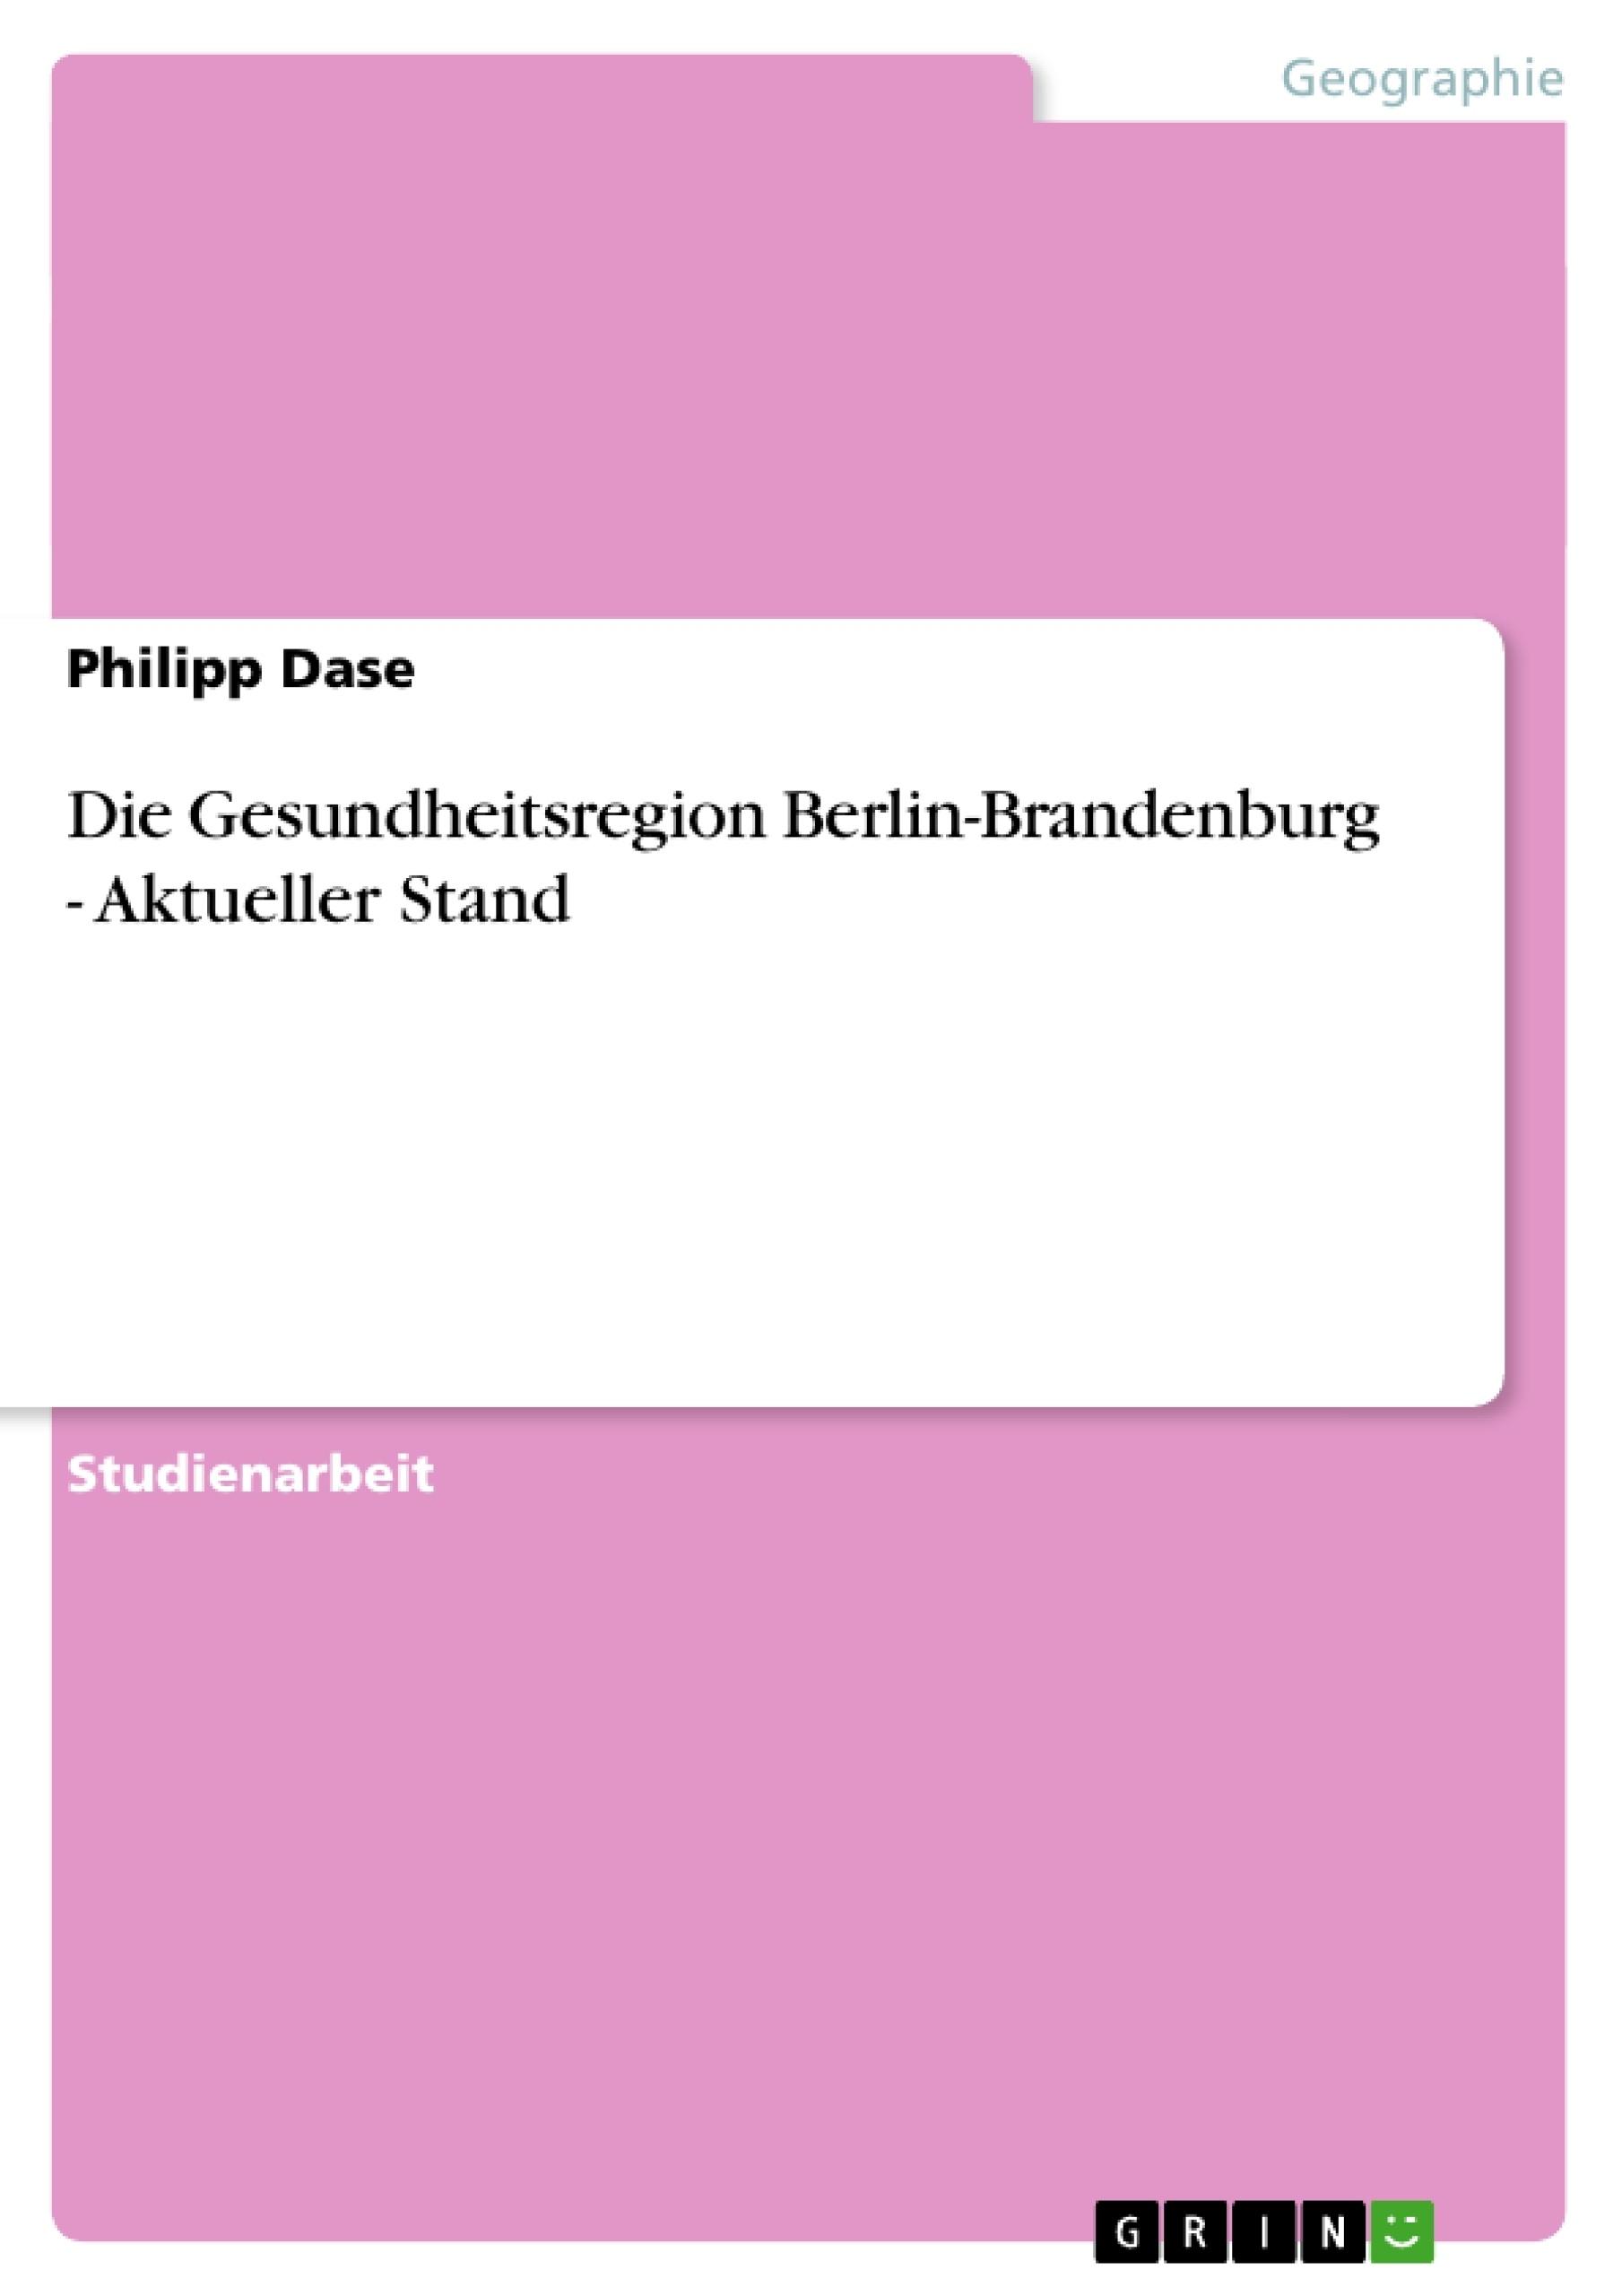 Titel: Die Gesundheitsregion Berlin-Brandenburg - Aktueller Stand